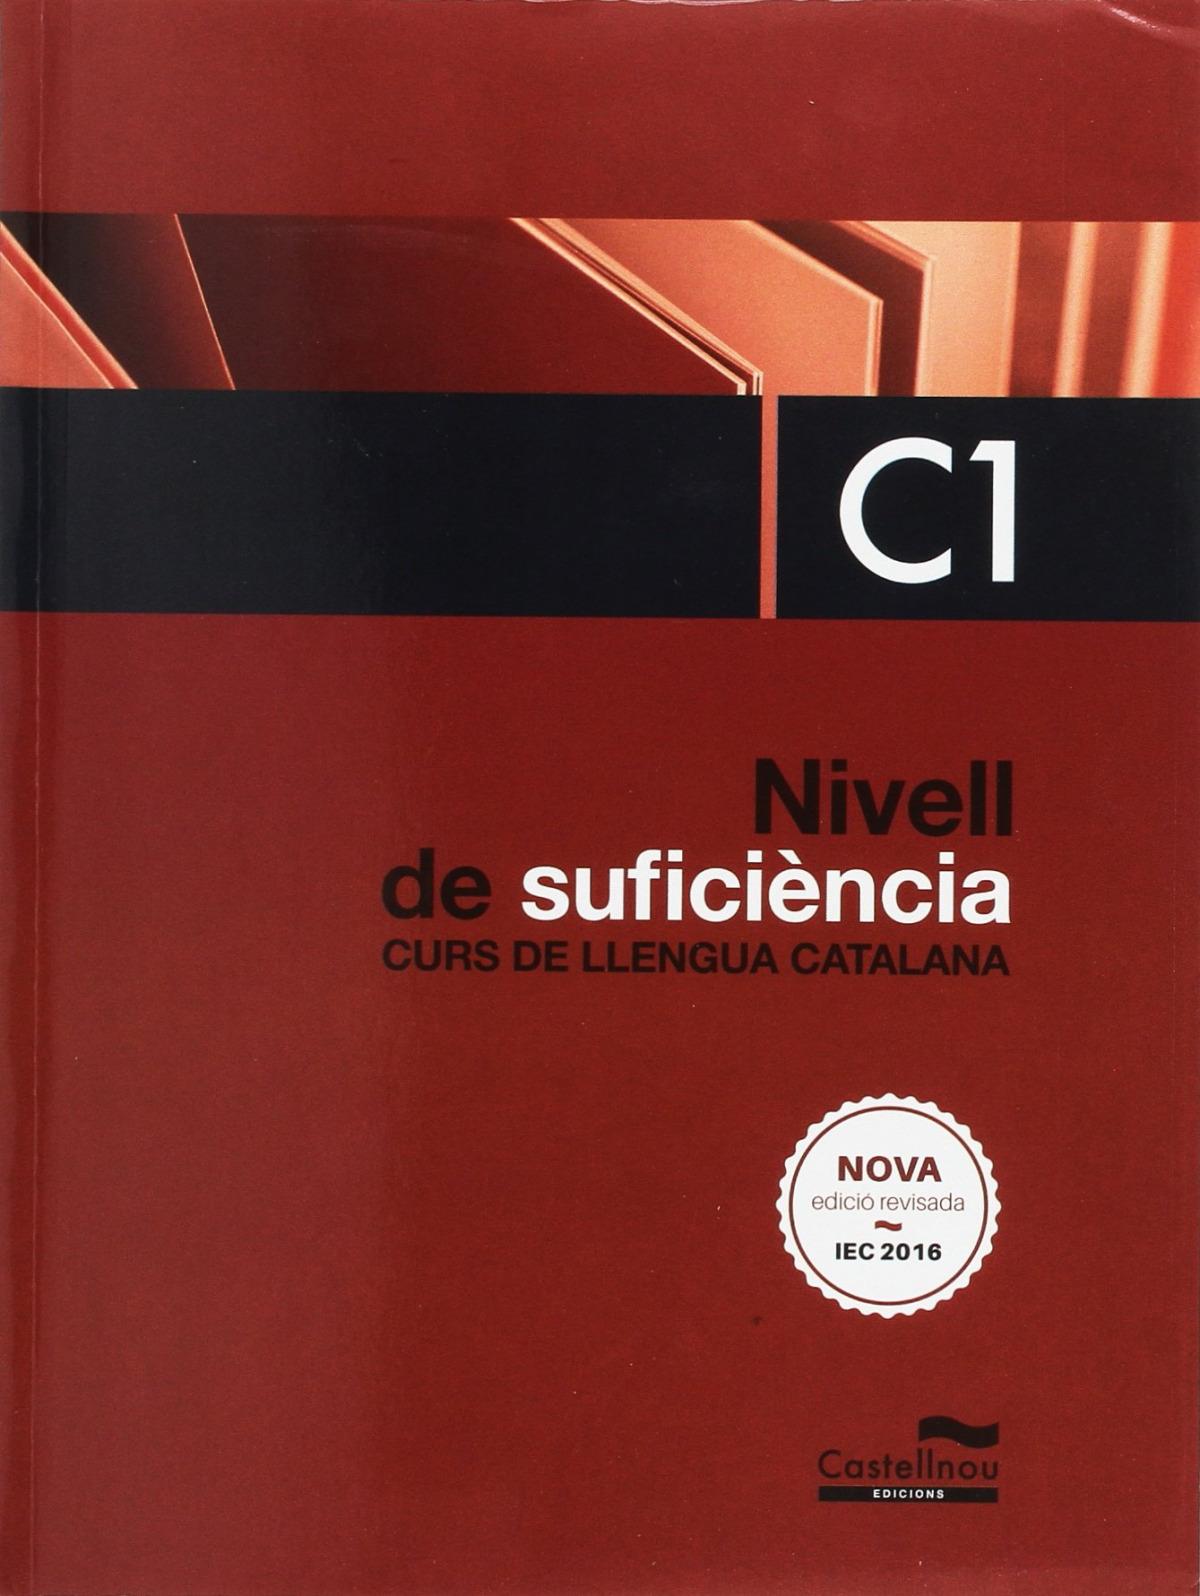 nivell de suficiencia c1 curs llengua catalana 2017 9788498047448